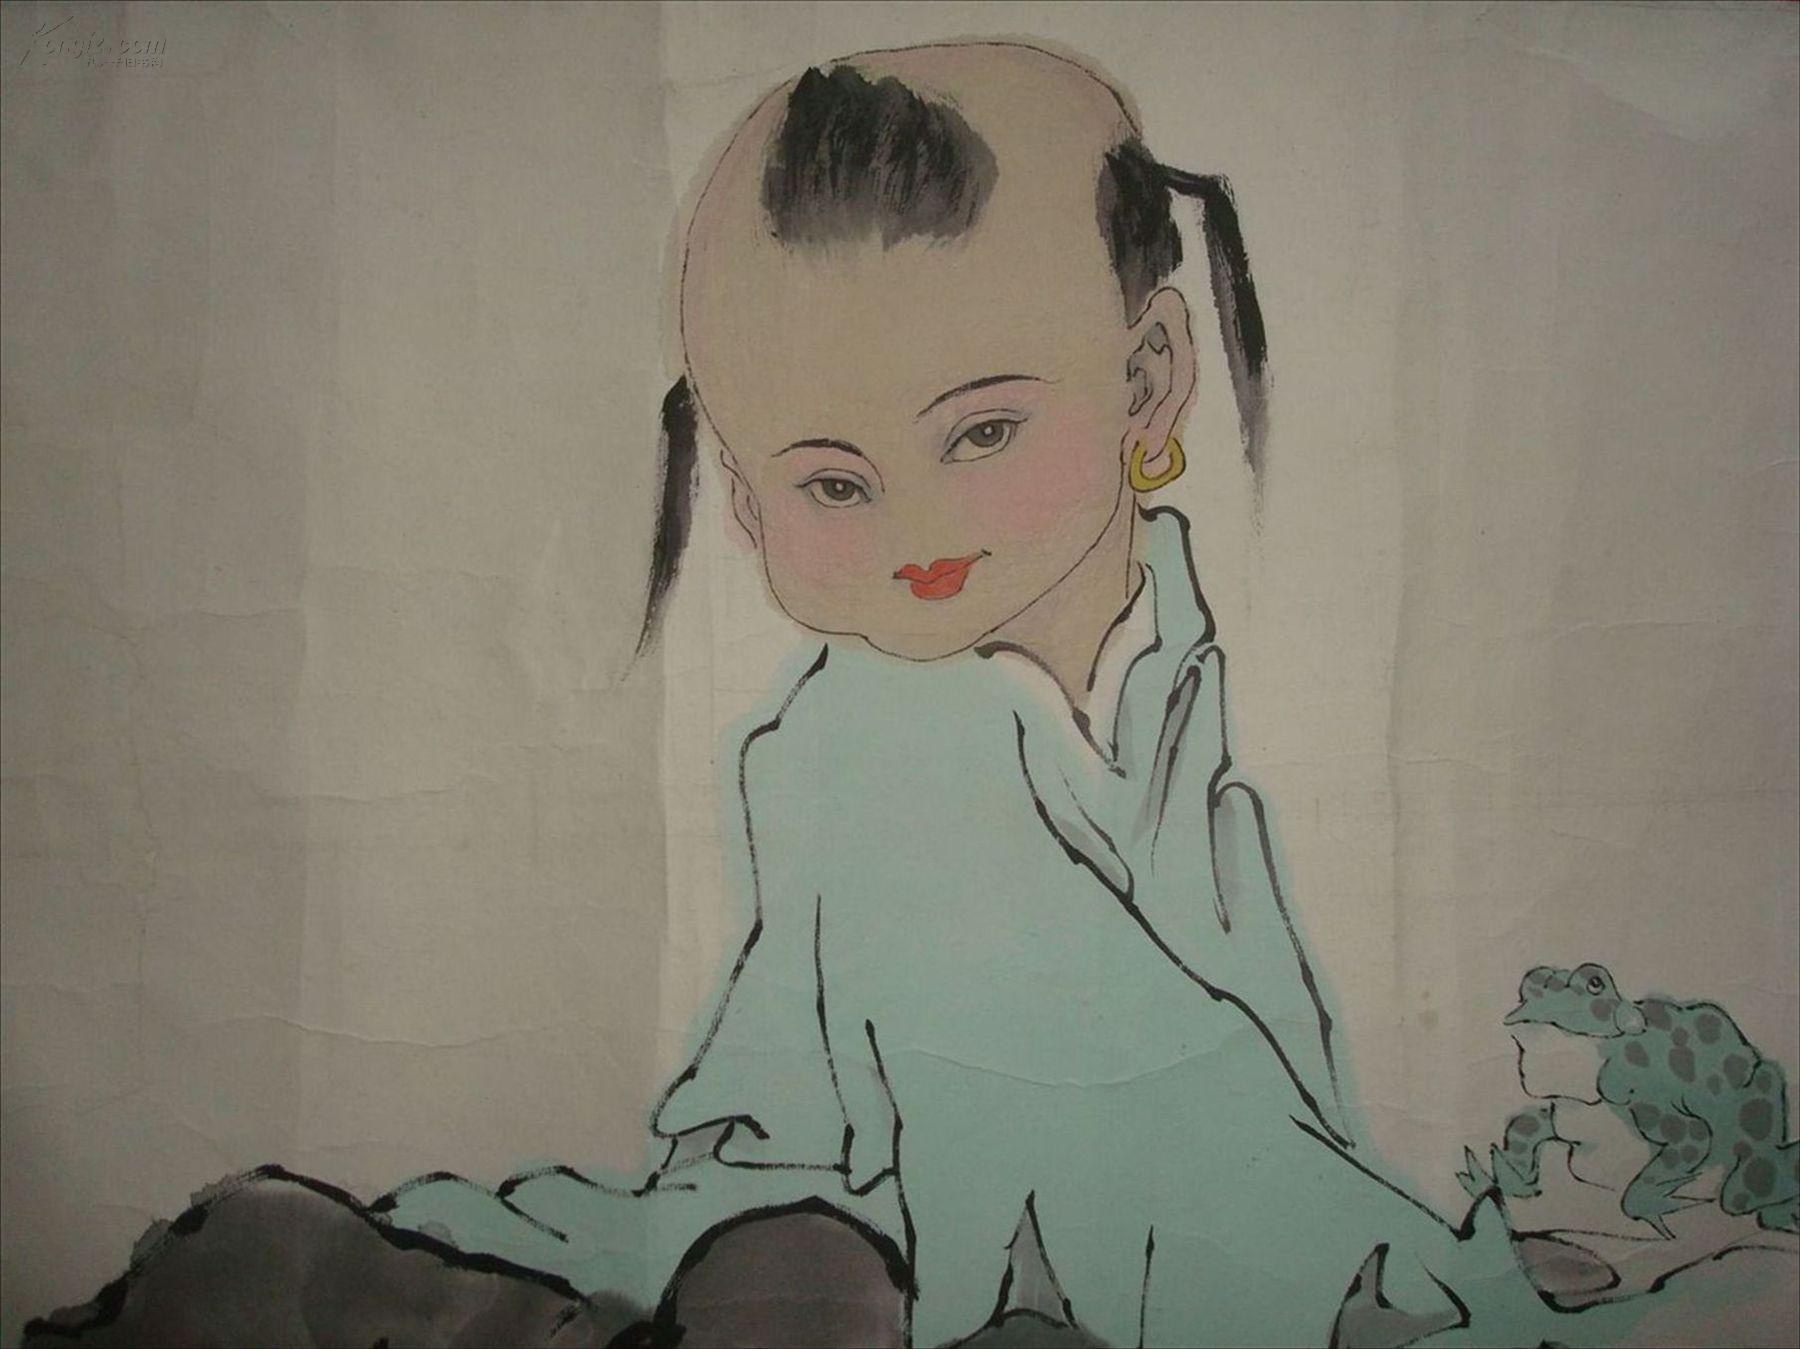 【图】当代艺术大师 擅长人物 范曾 和平吉祥 线